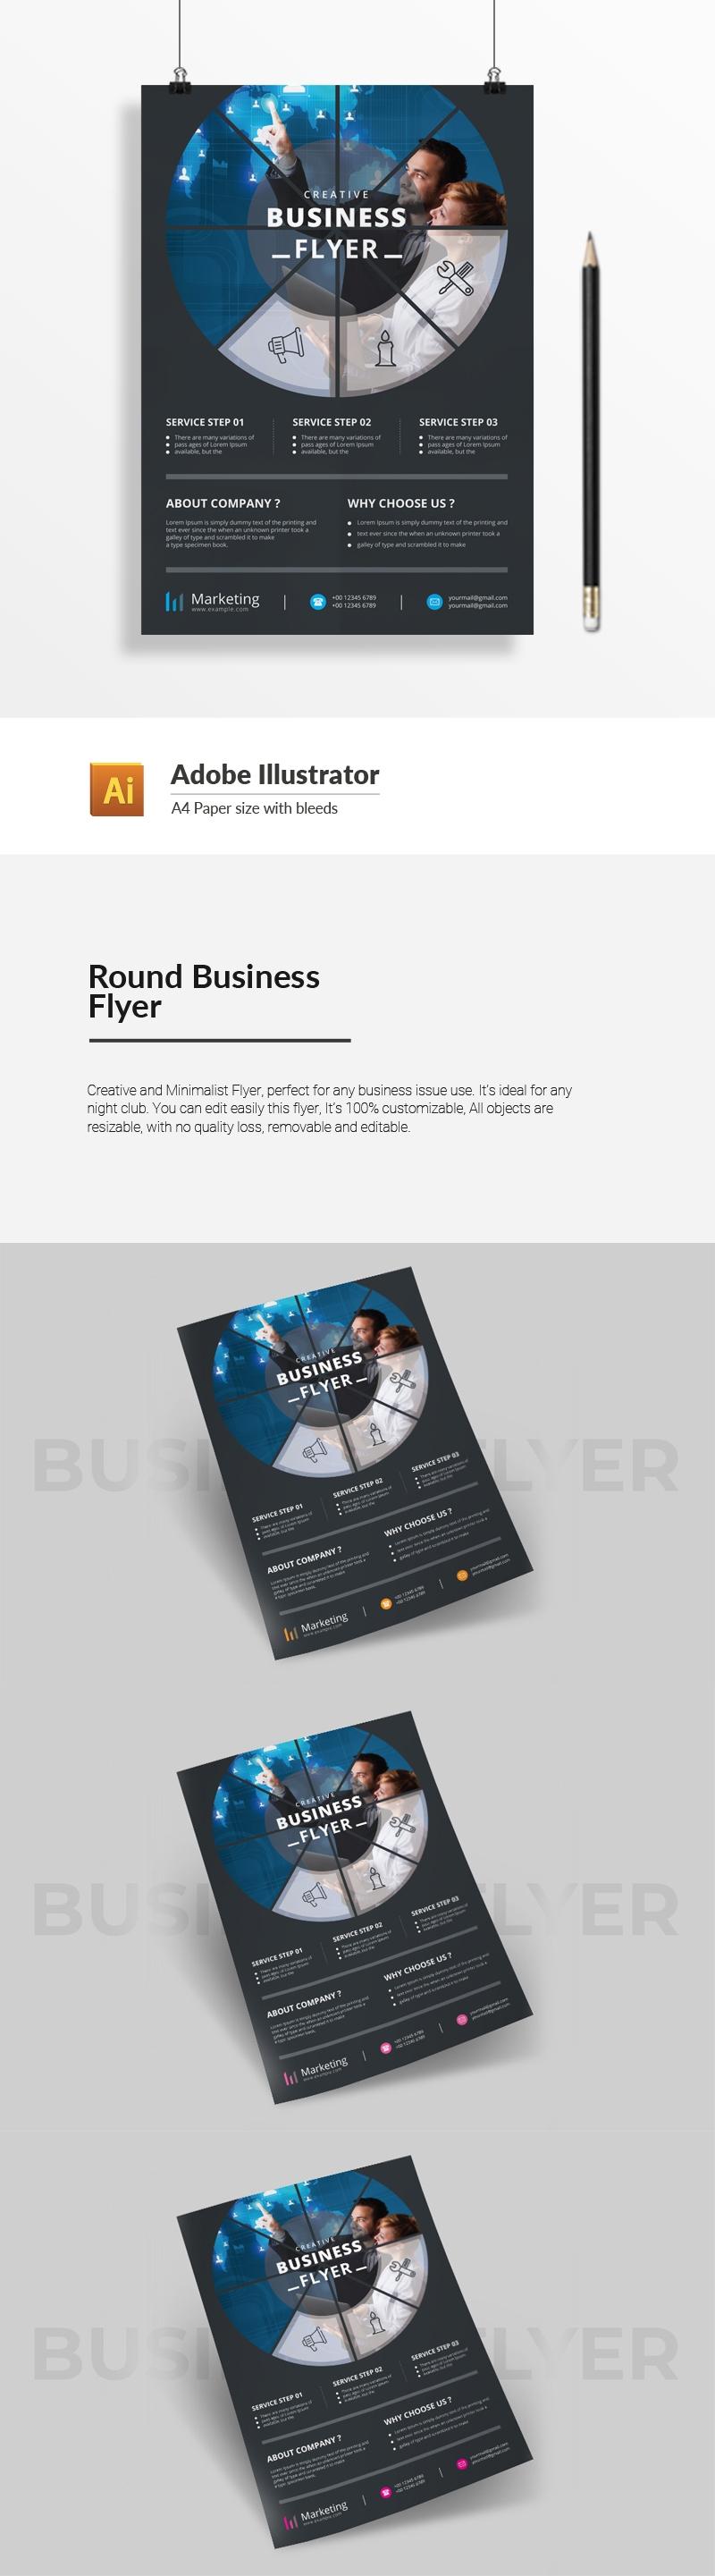 Round Business Flyer